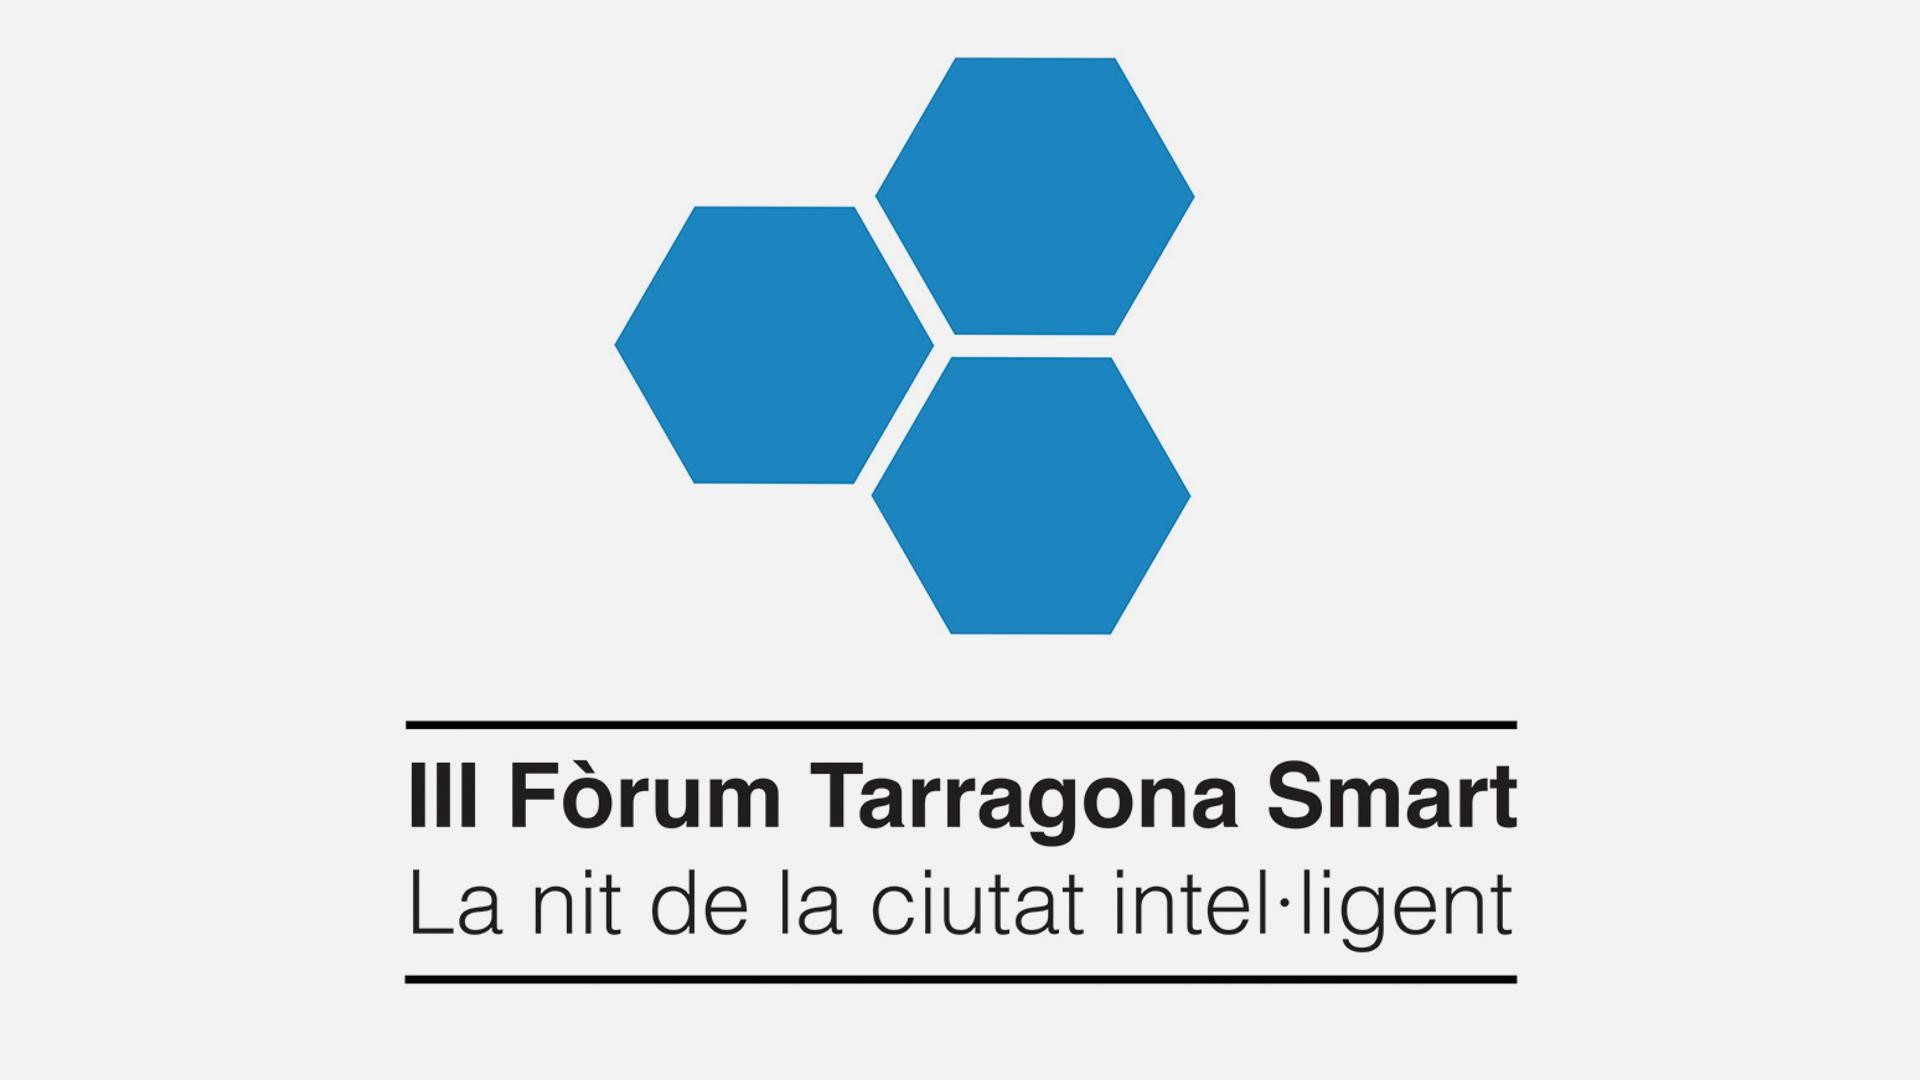 Logo_IIIForum_2_noticia1